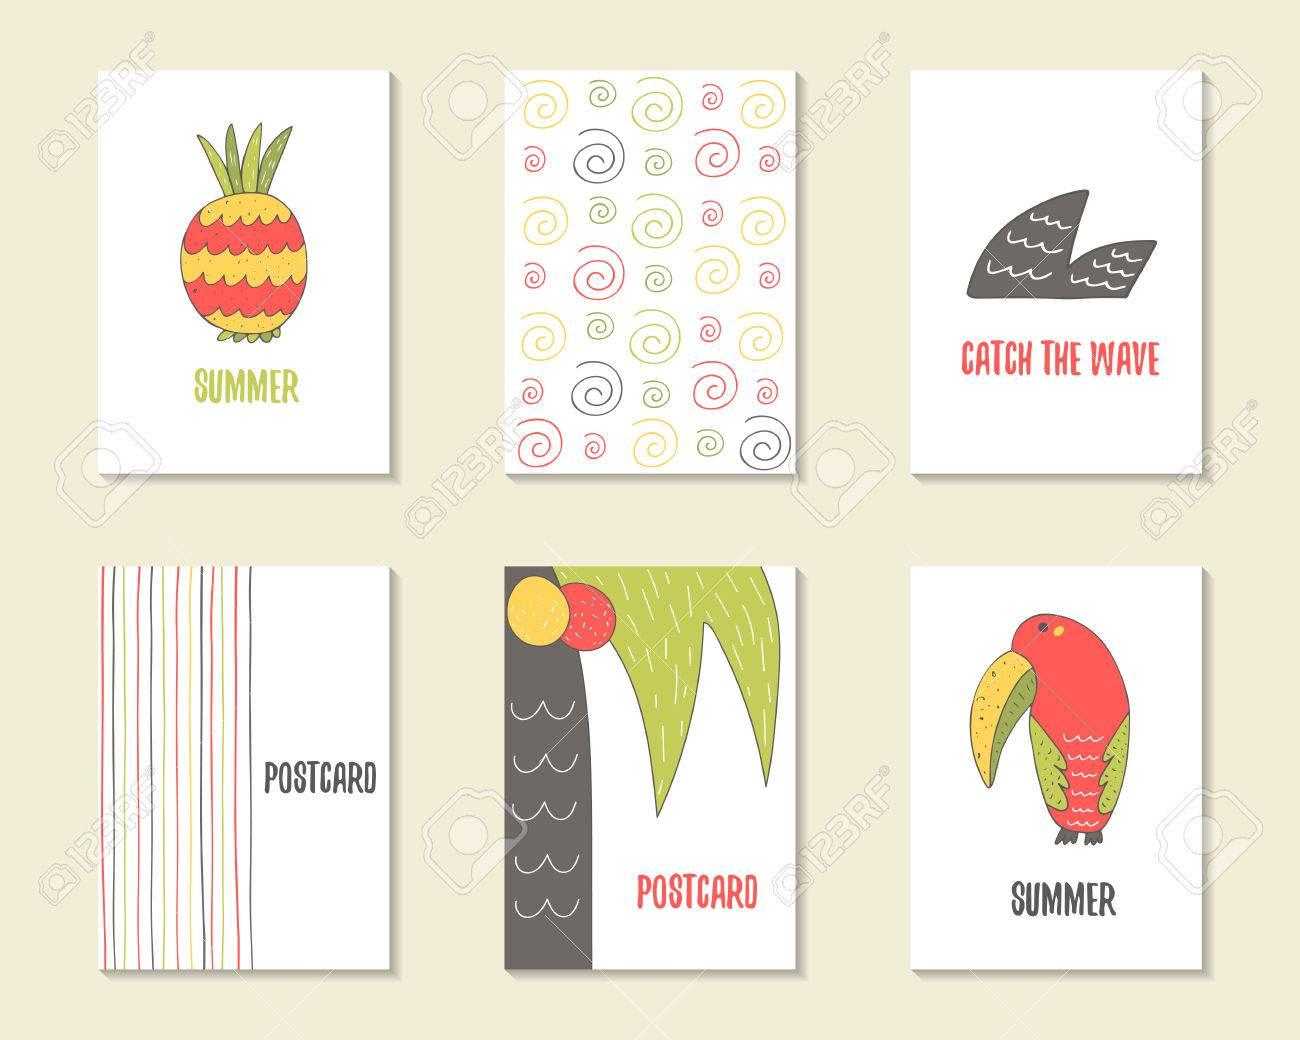 Dibujados Mano Linda Del Cumpleaños Del Partido Tarjetas De Baby Shower Folletos Invitaciones Con Piña Onda Palma Coco Tucán Remolinos